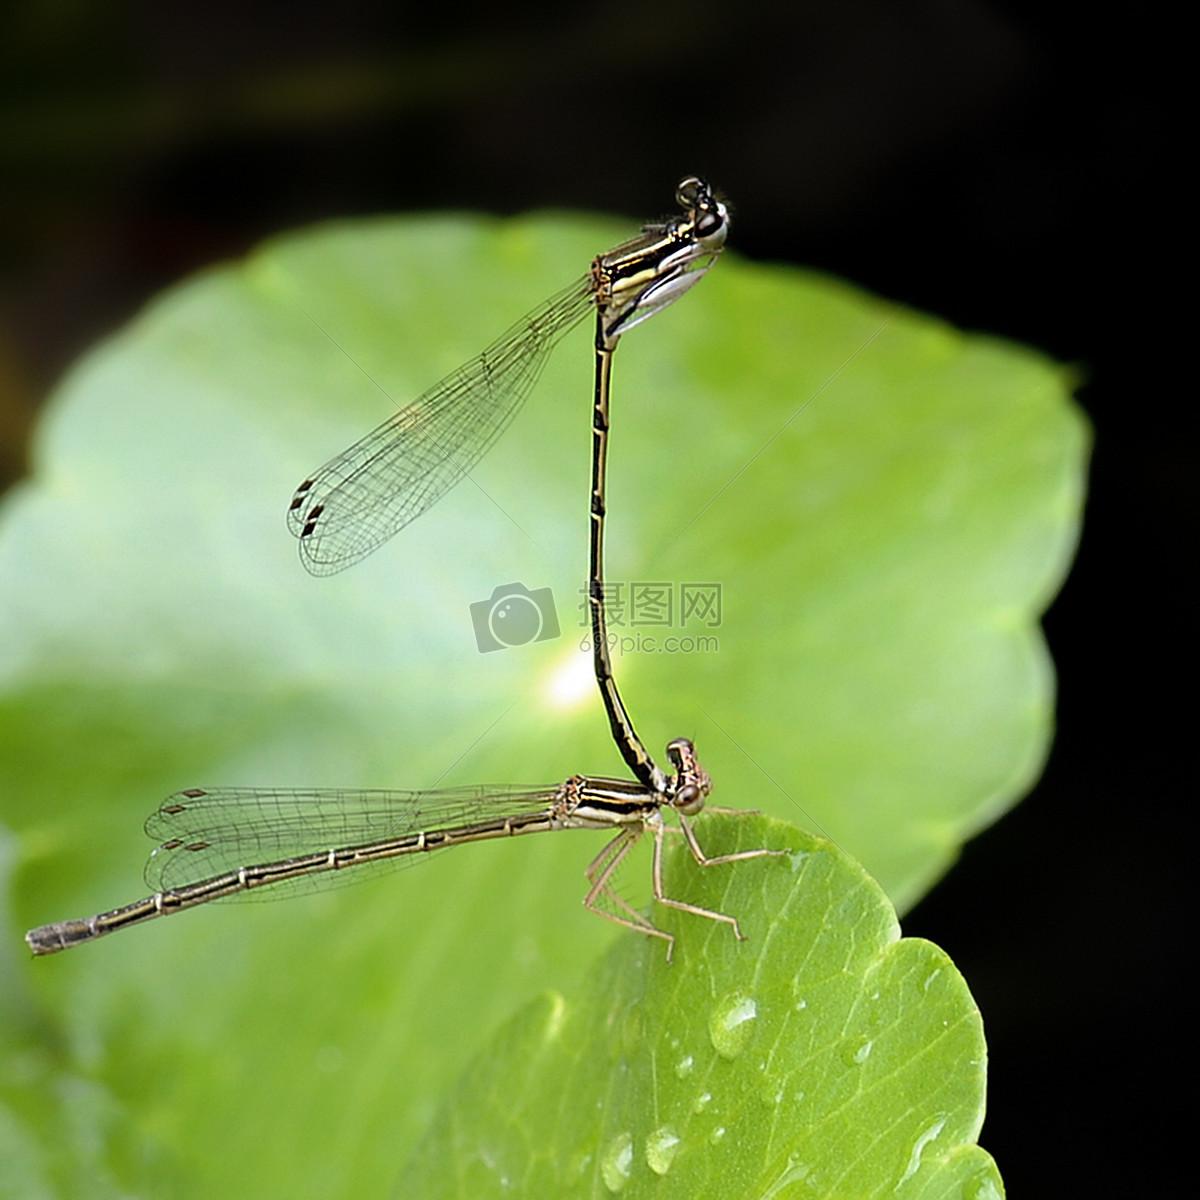 蜻蜓在荷叶上